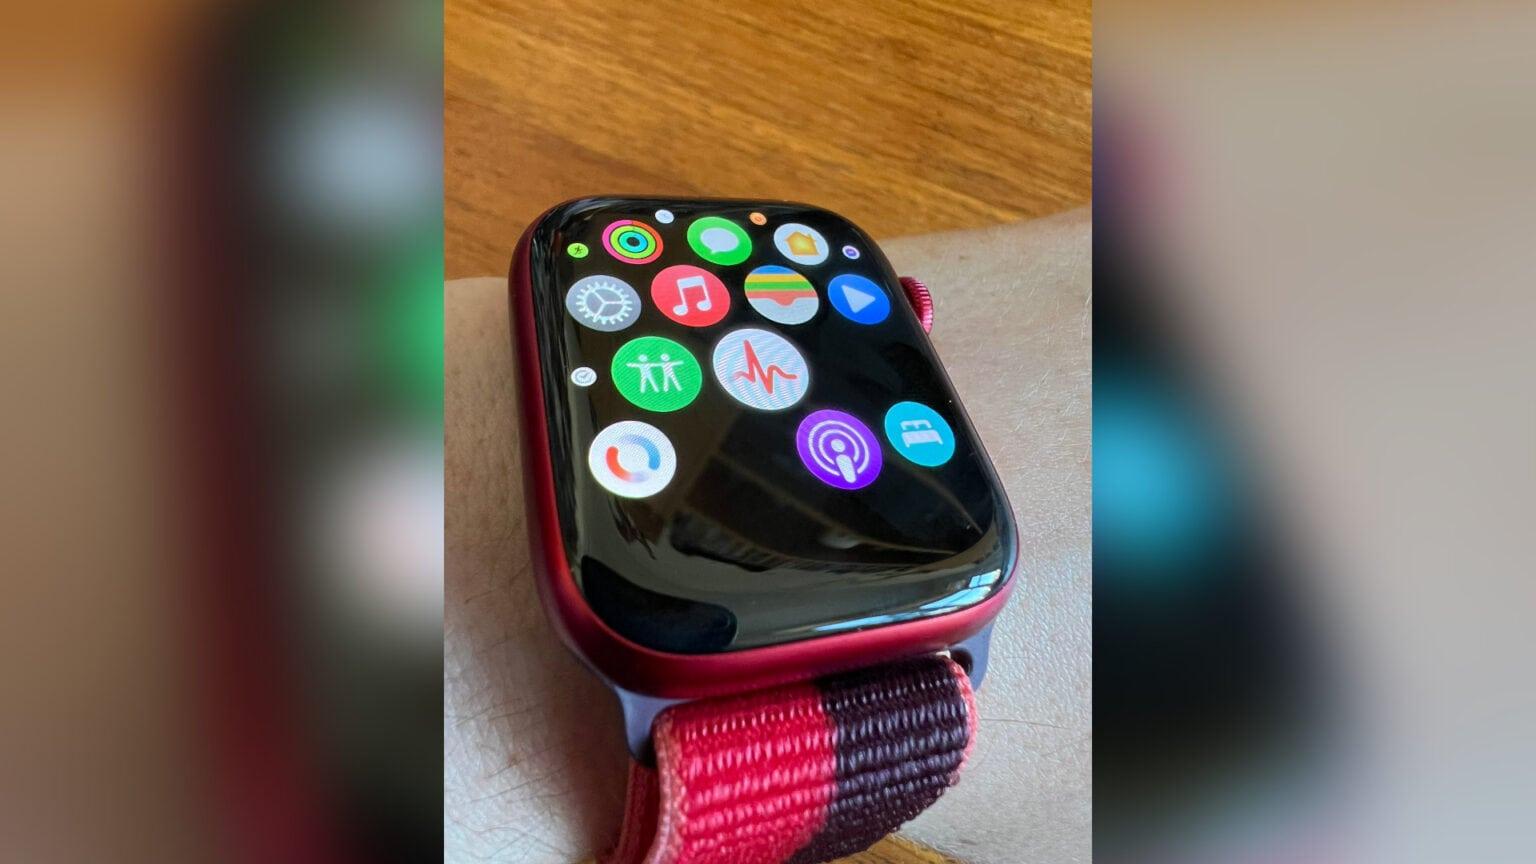 Apple Watch 7 app glitches